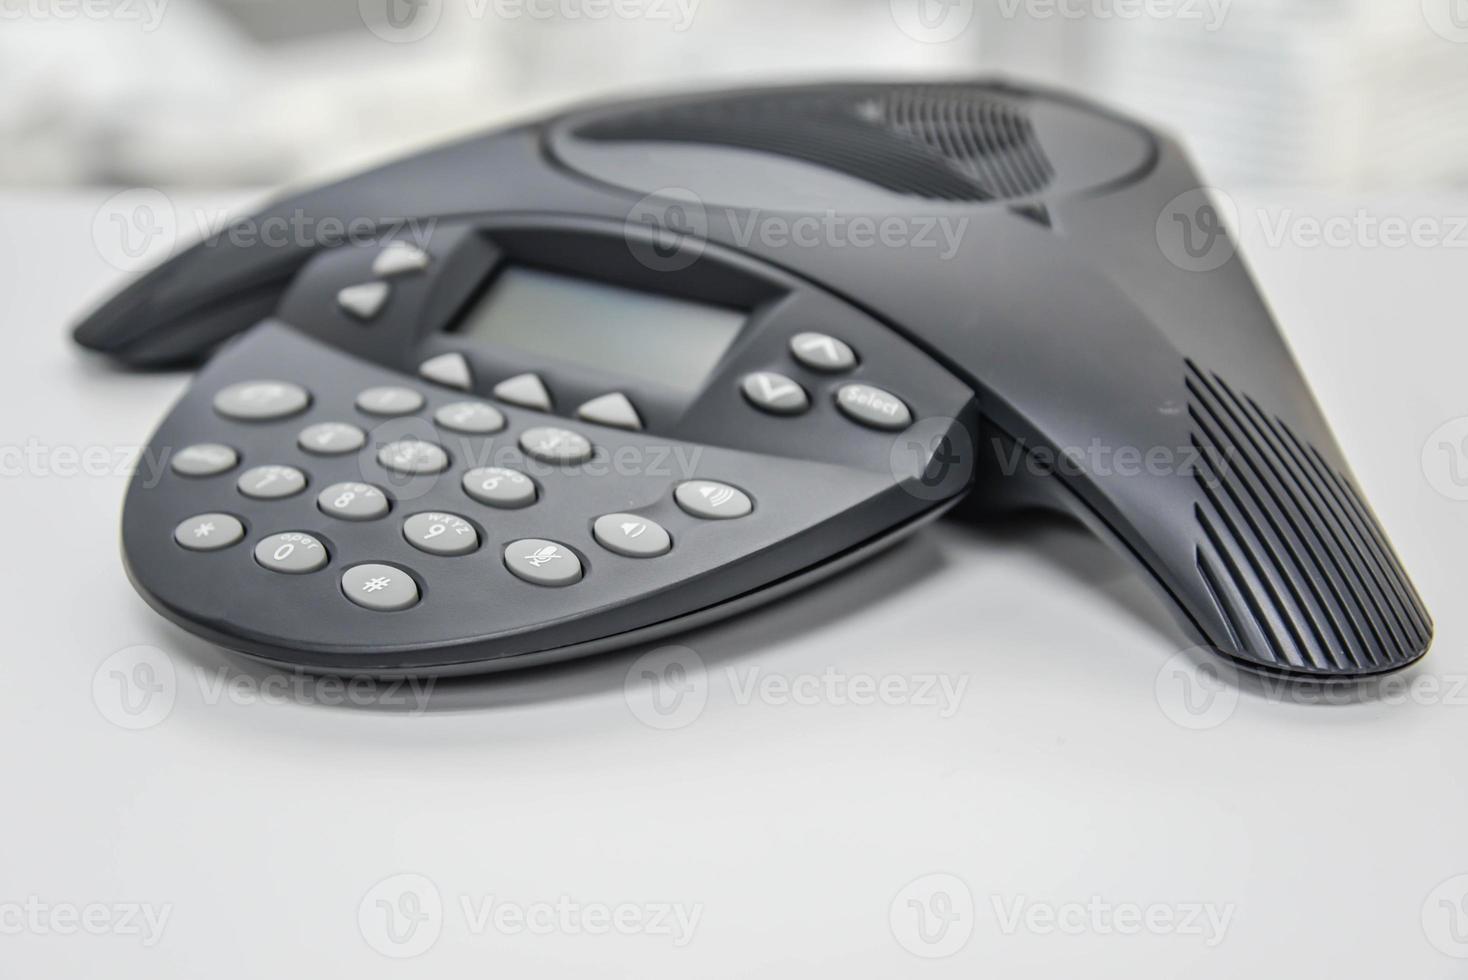 ip telefoon voor conferentie foto